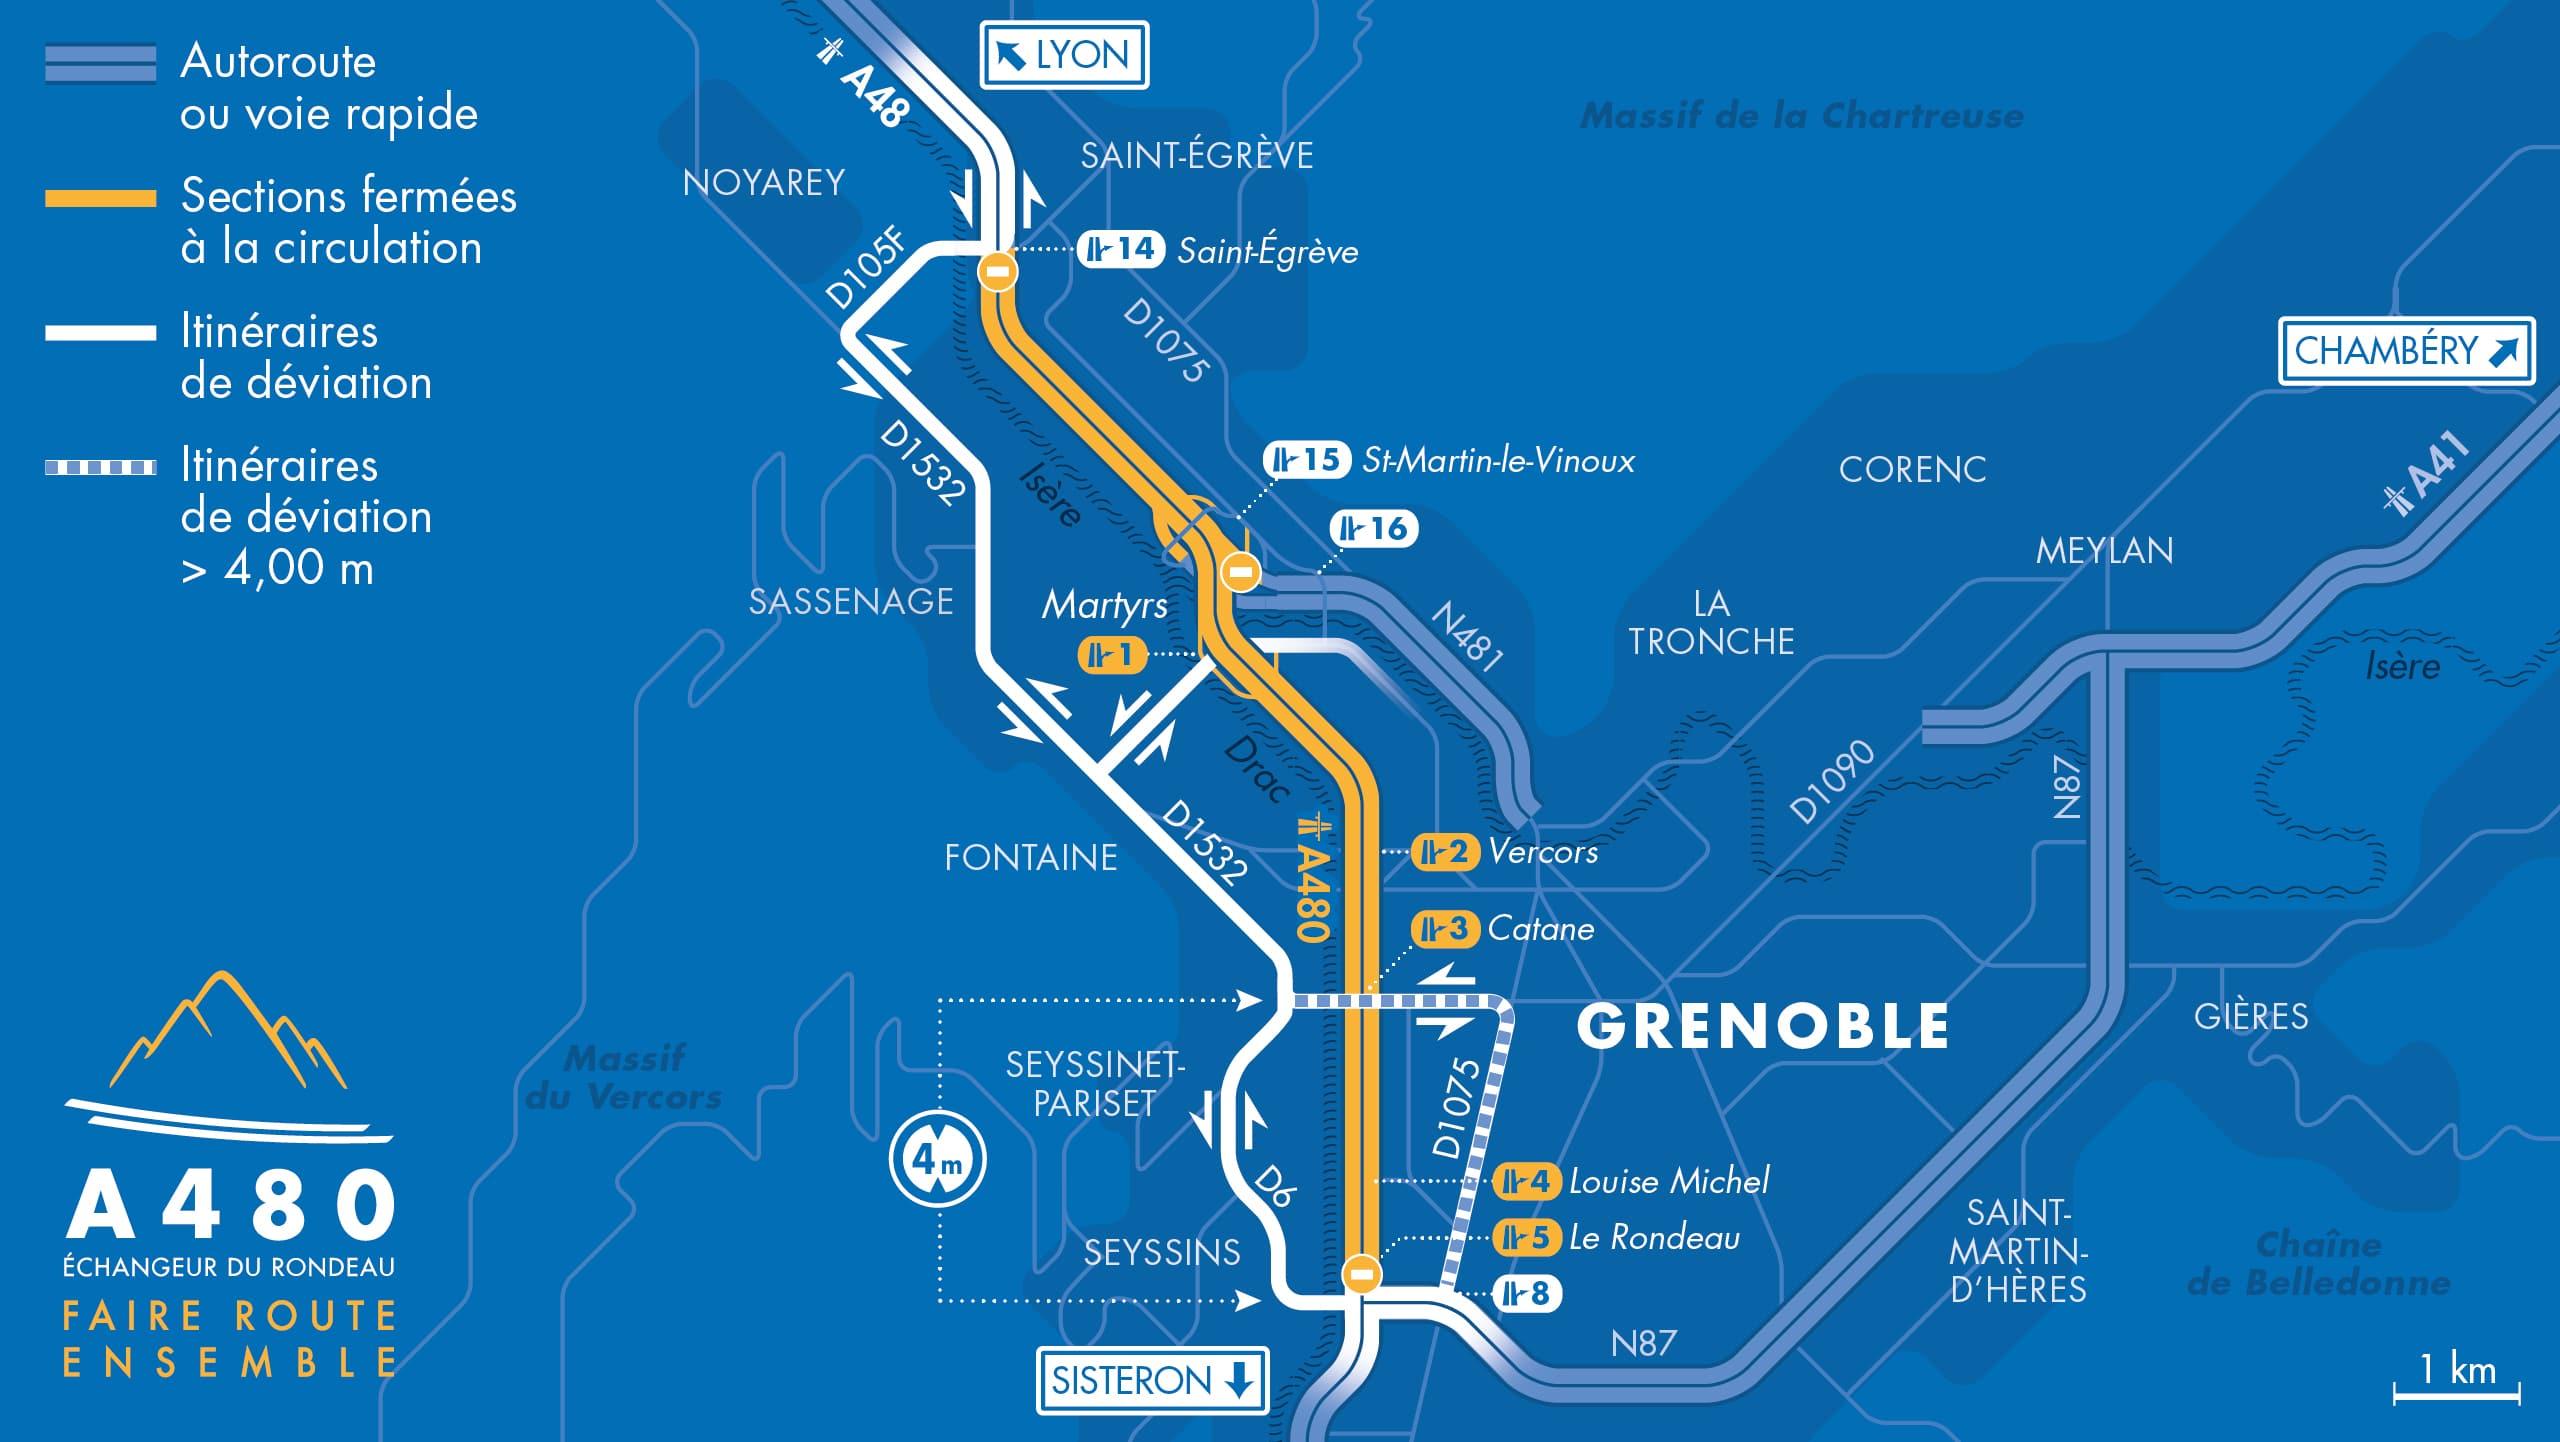 Carte des déviations entre le diffuseur du Rondeau (n°5) et le diffuseur de Saint-Egrève (n°14) suite aux fermetures nocturnes de l'A480 à Grenoble